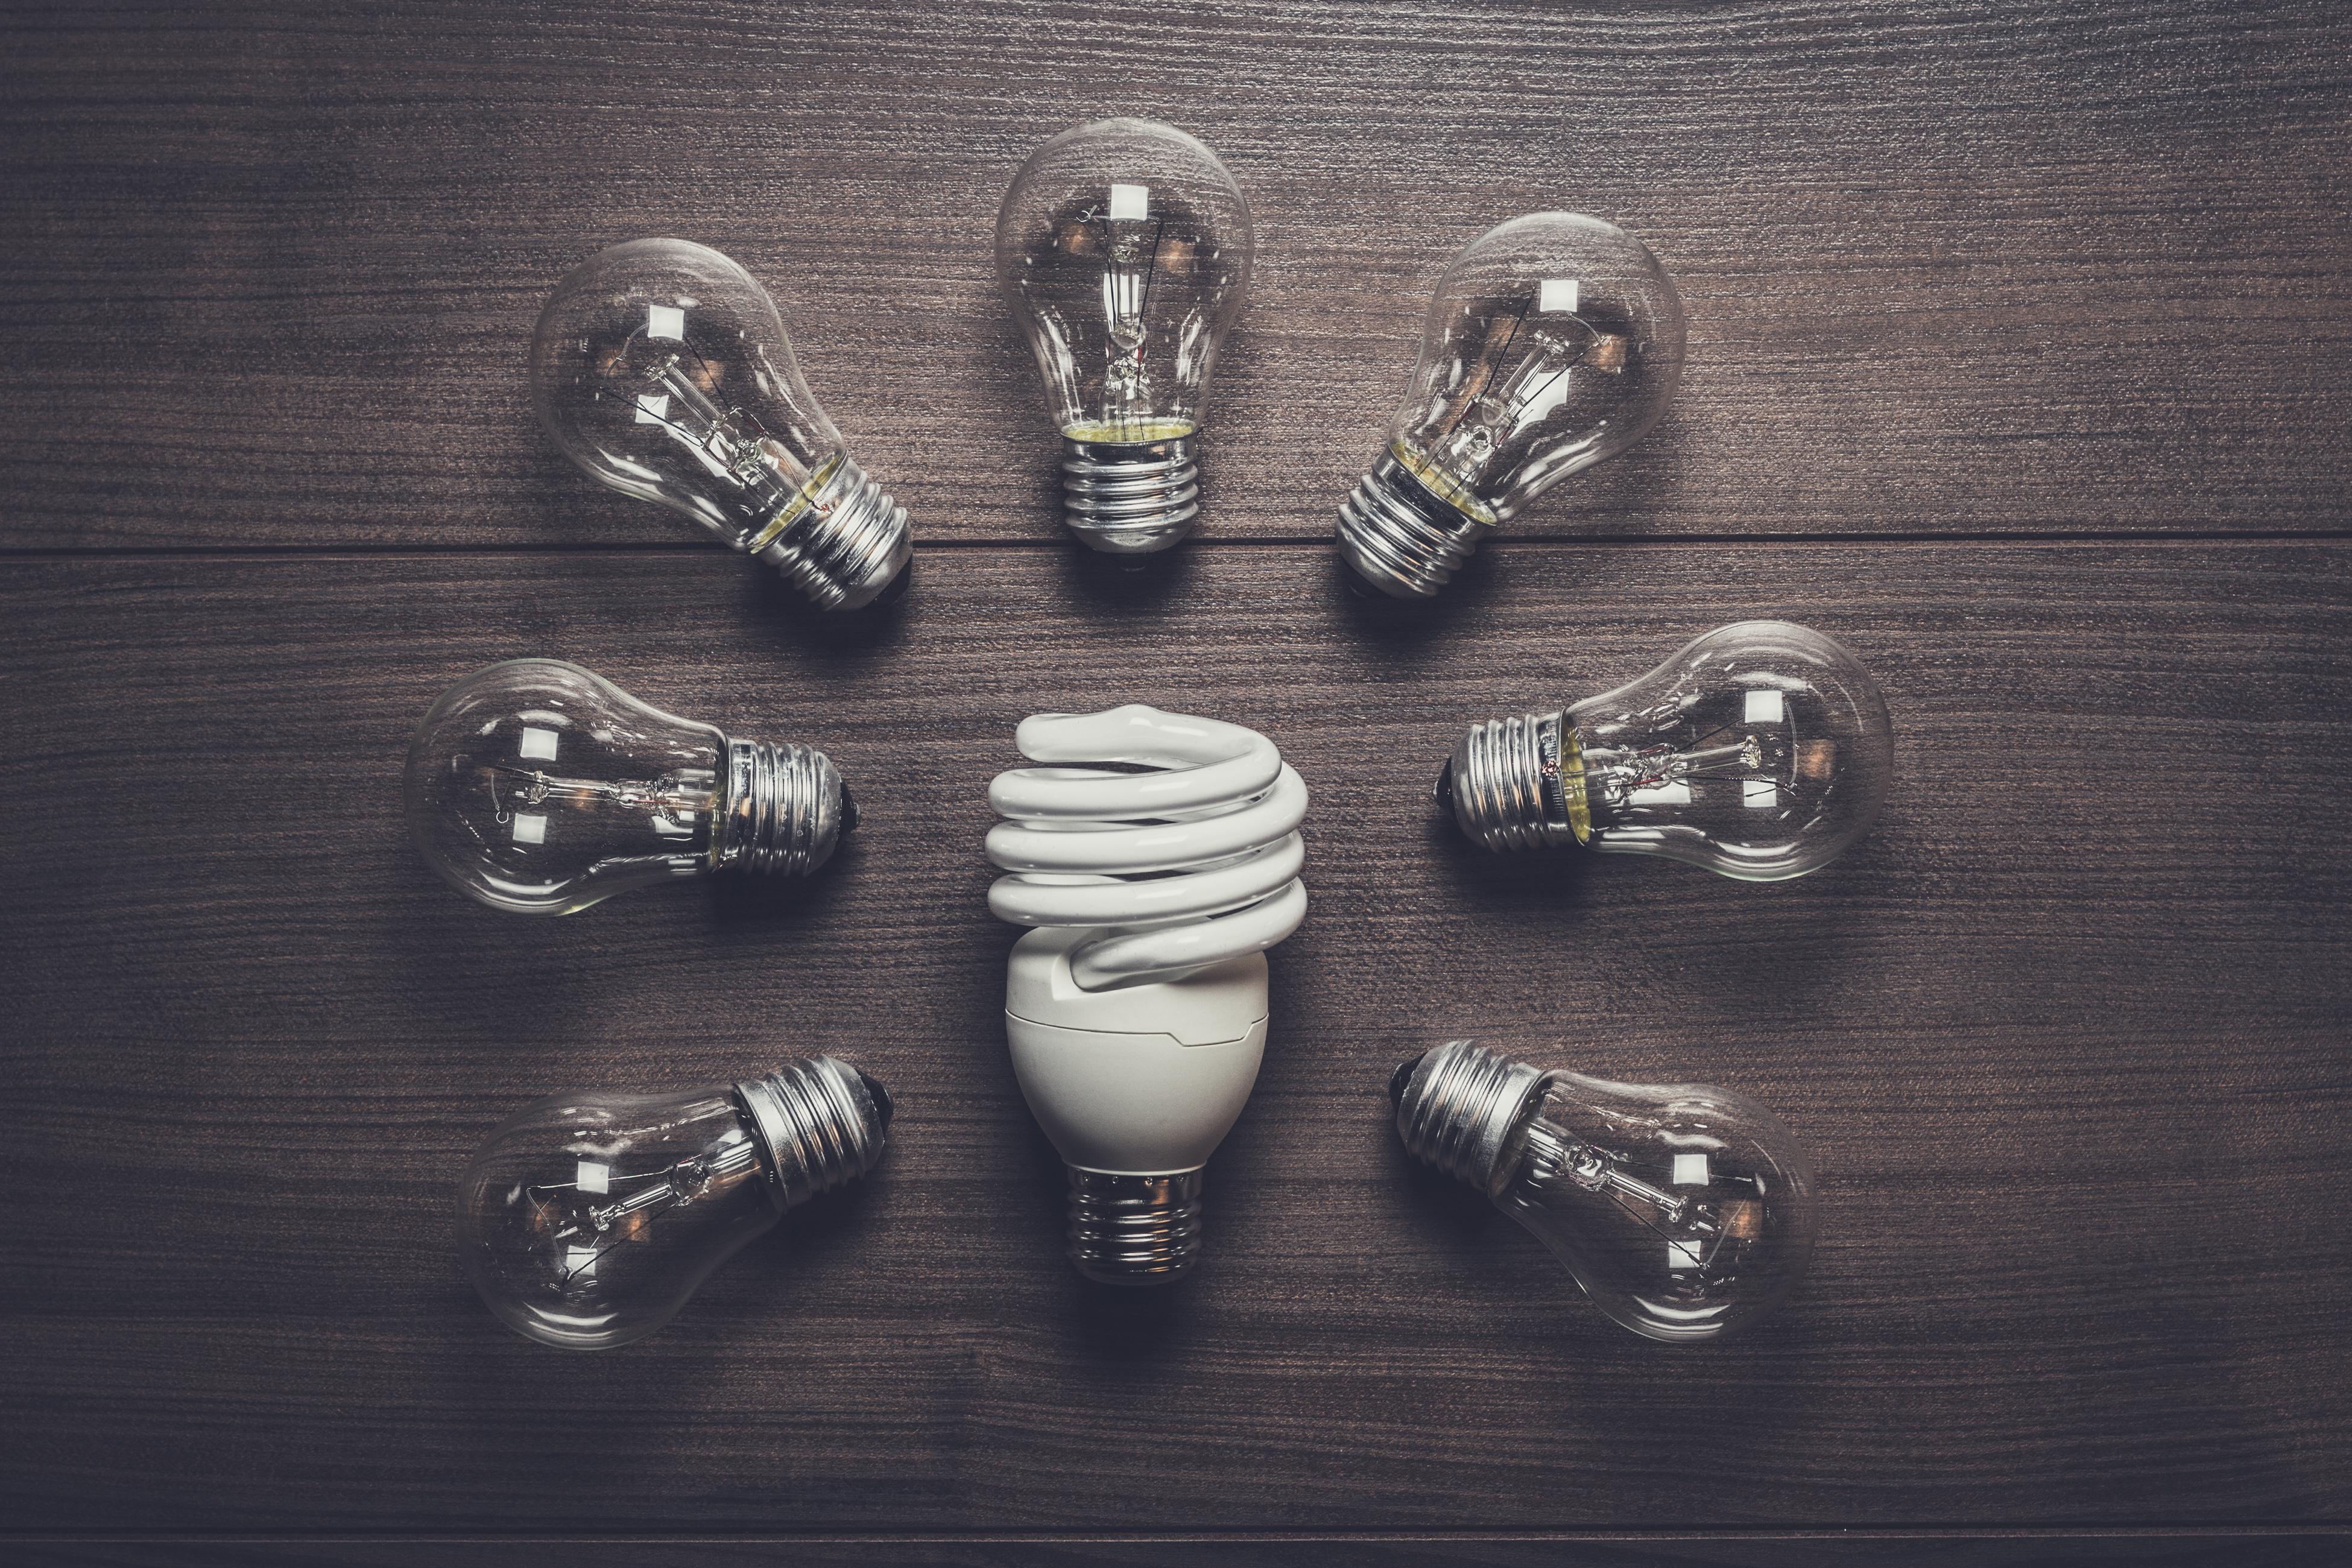 University sees sustainability improvements from energy partnership